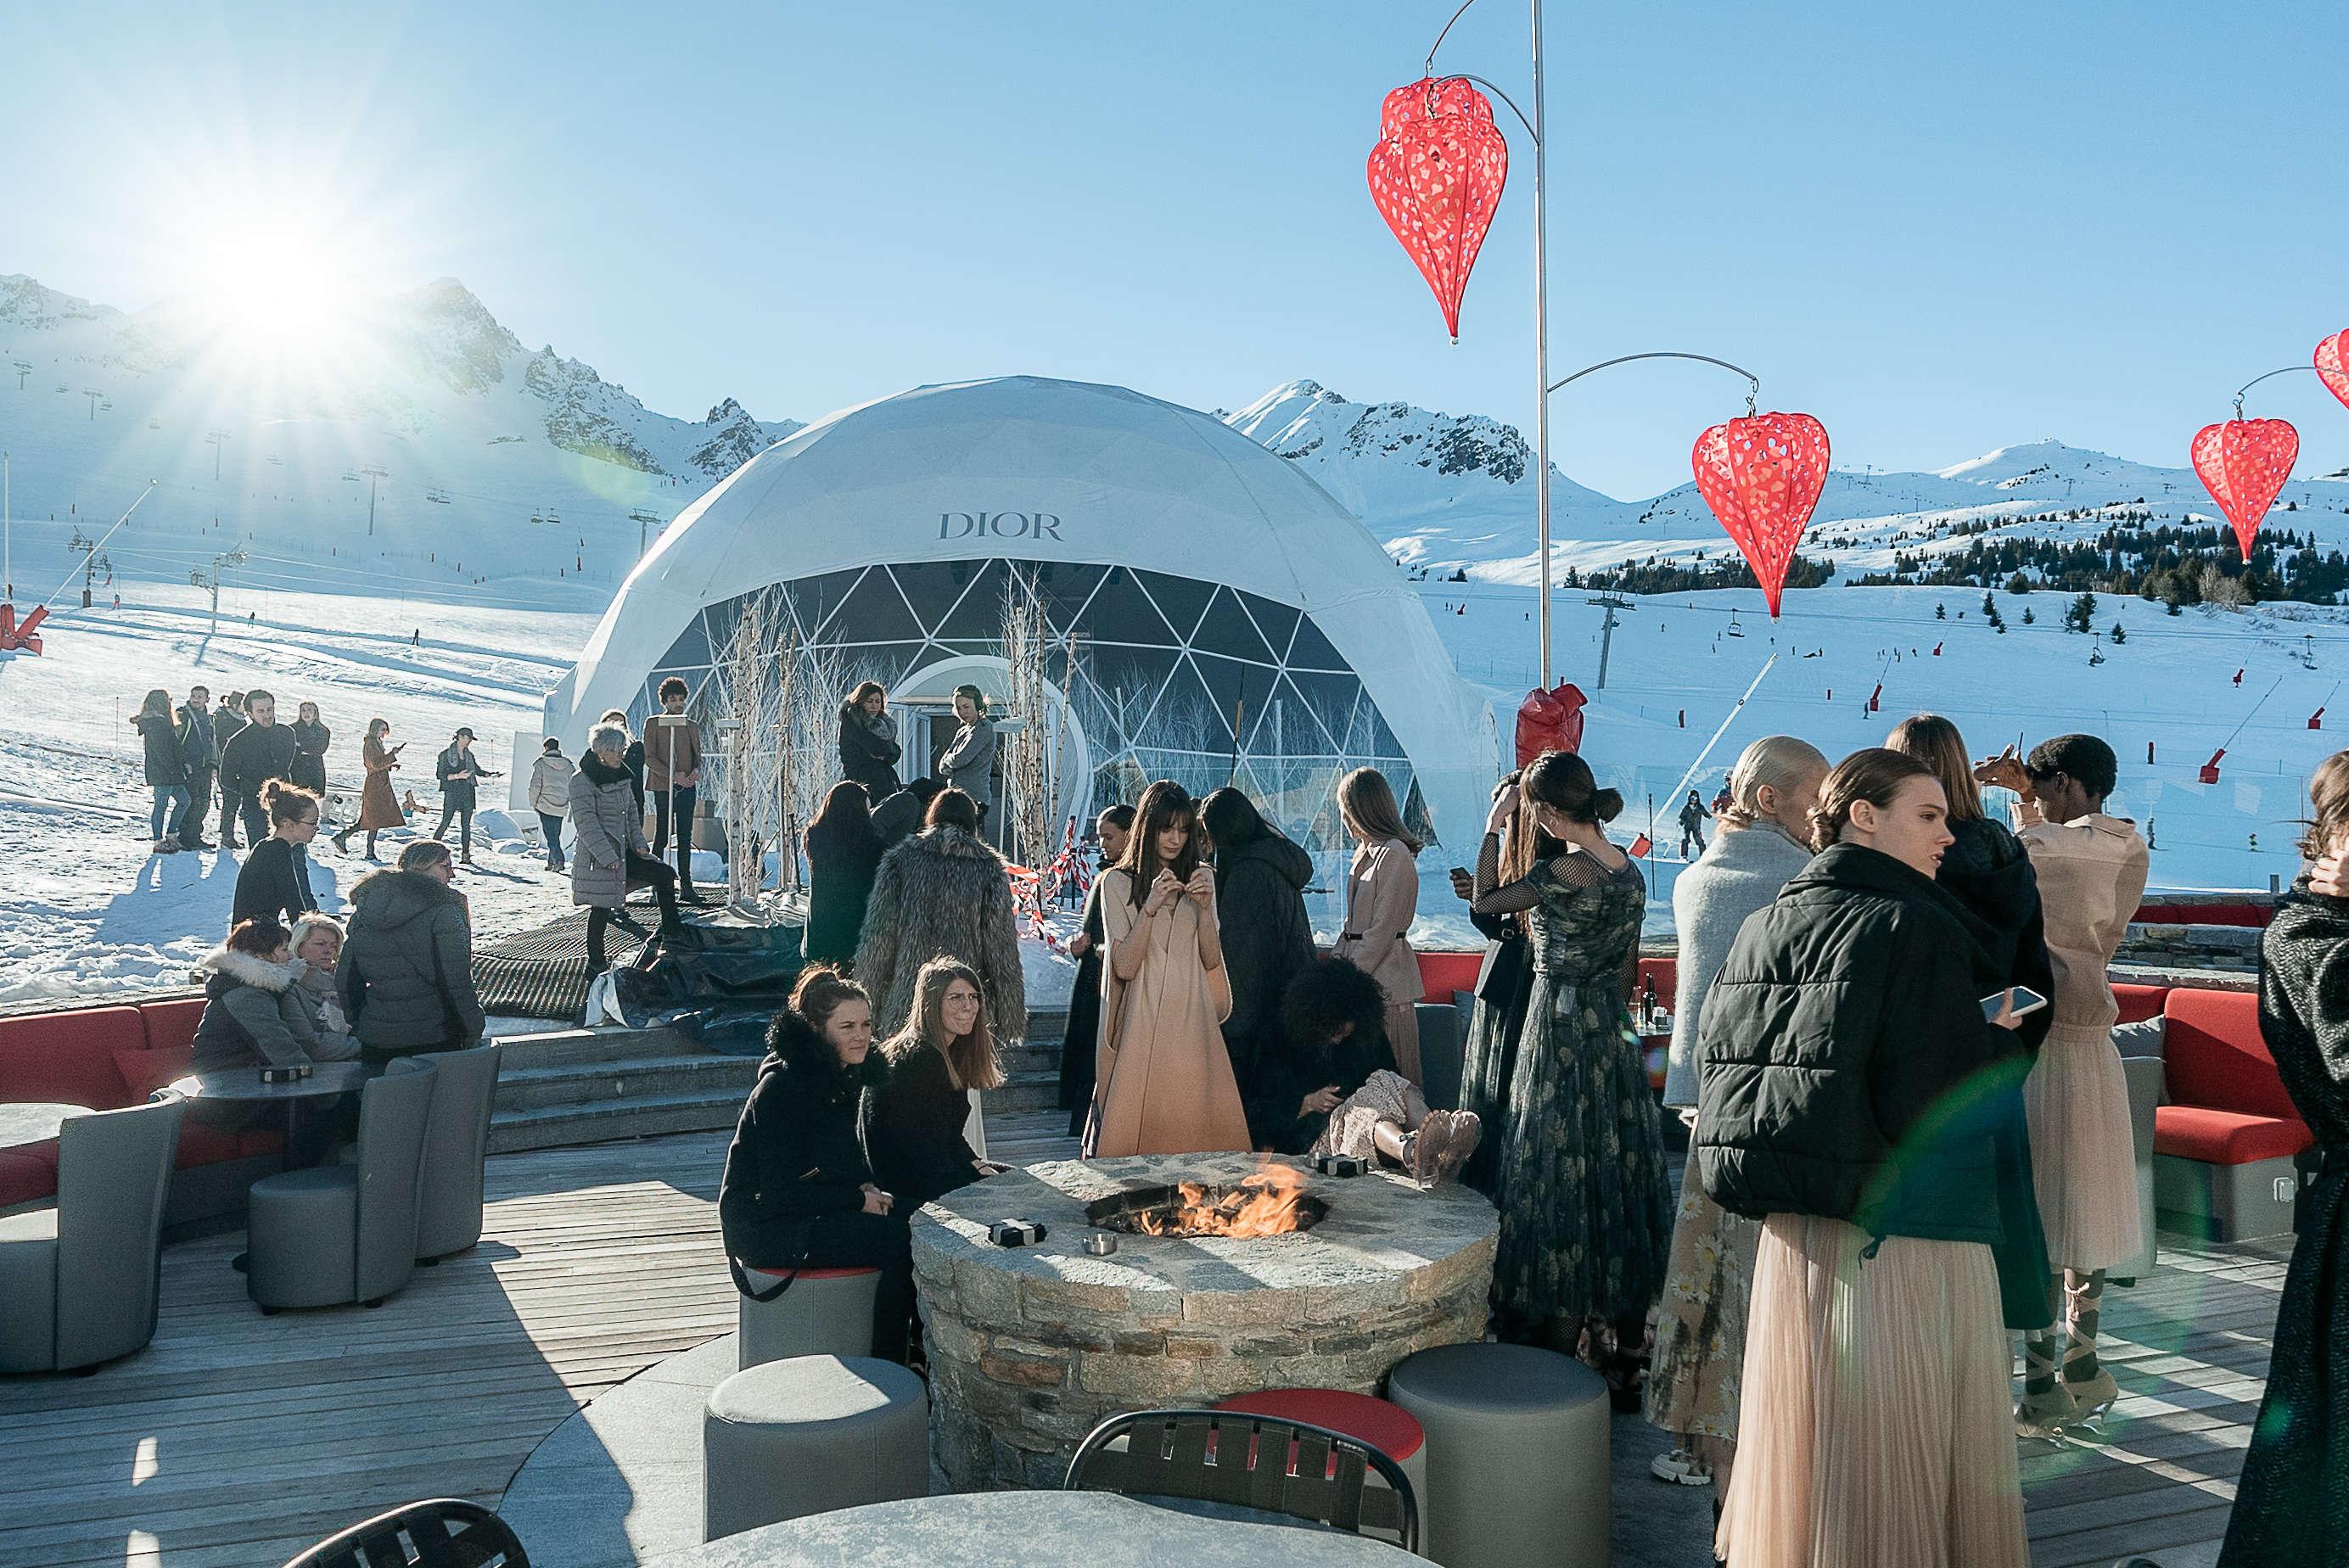 Défilé Dior à Courchevel dans dôme géodésique